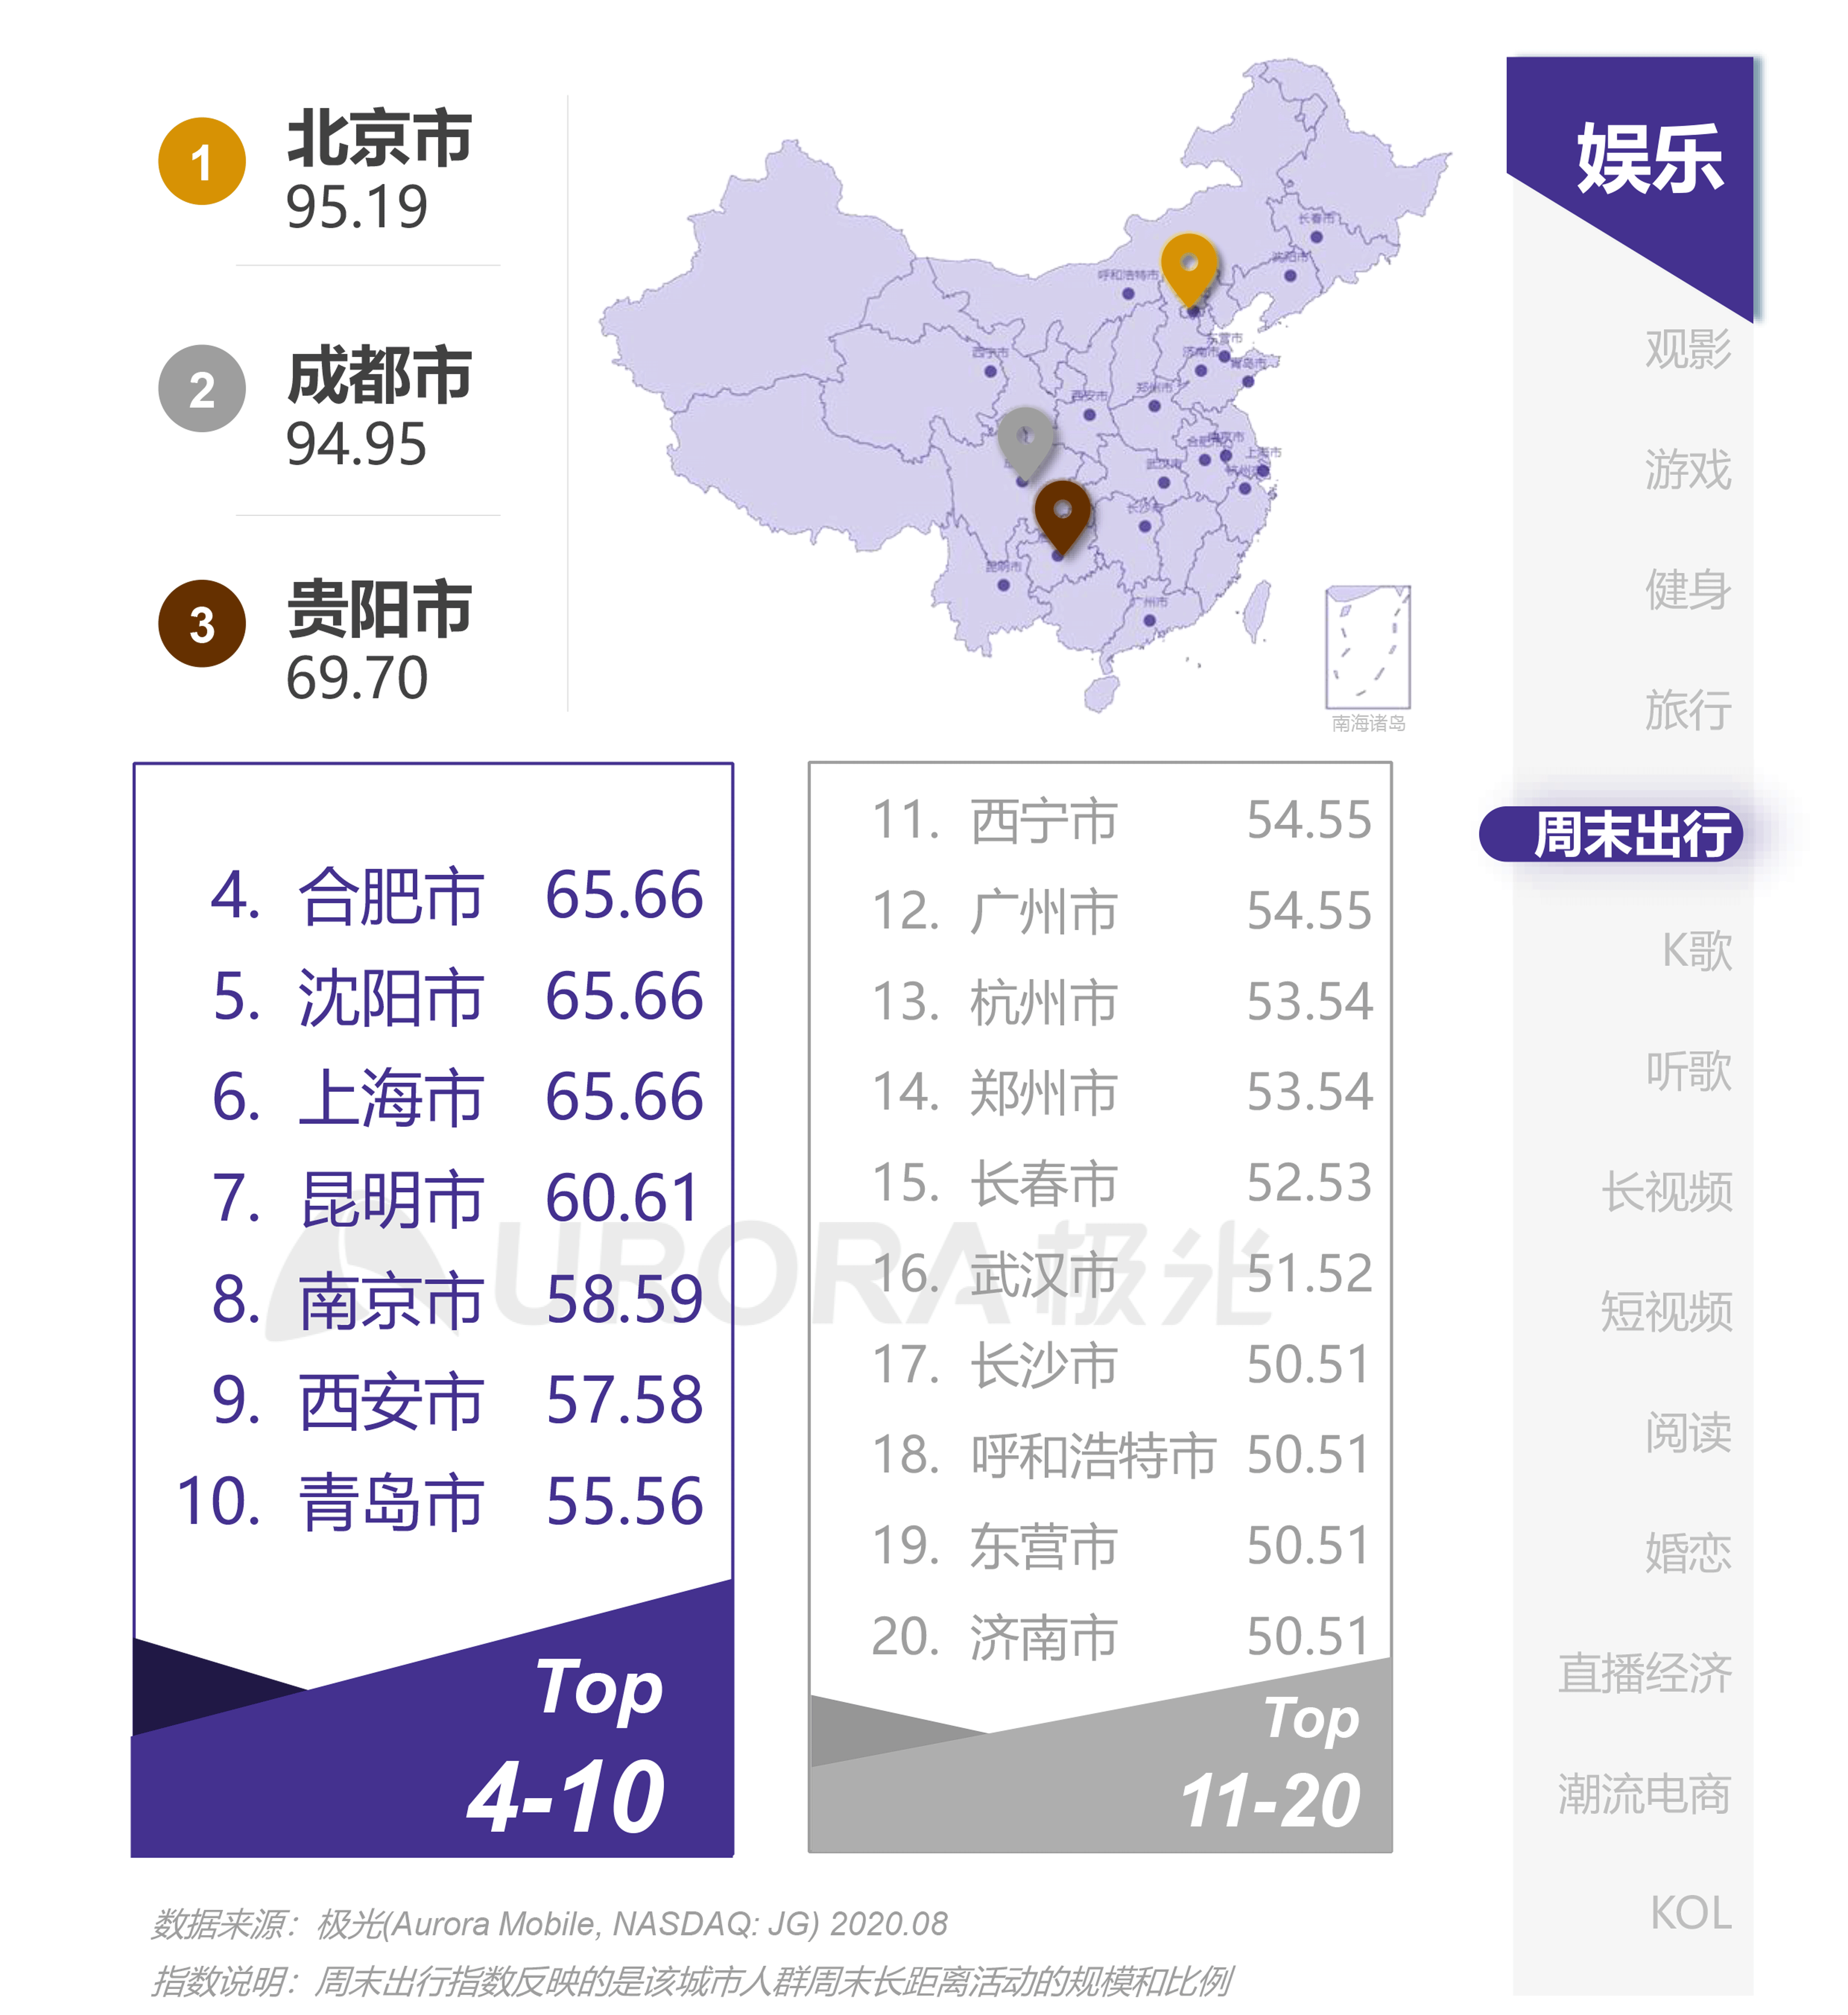 极光:互联网城市榜单 (23).png